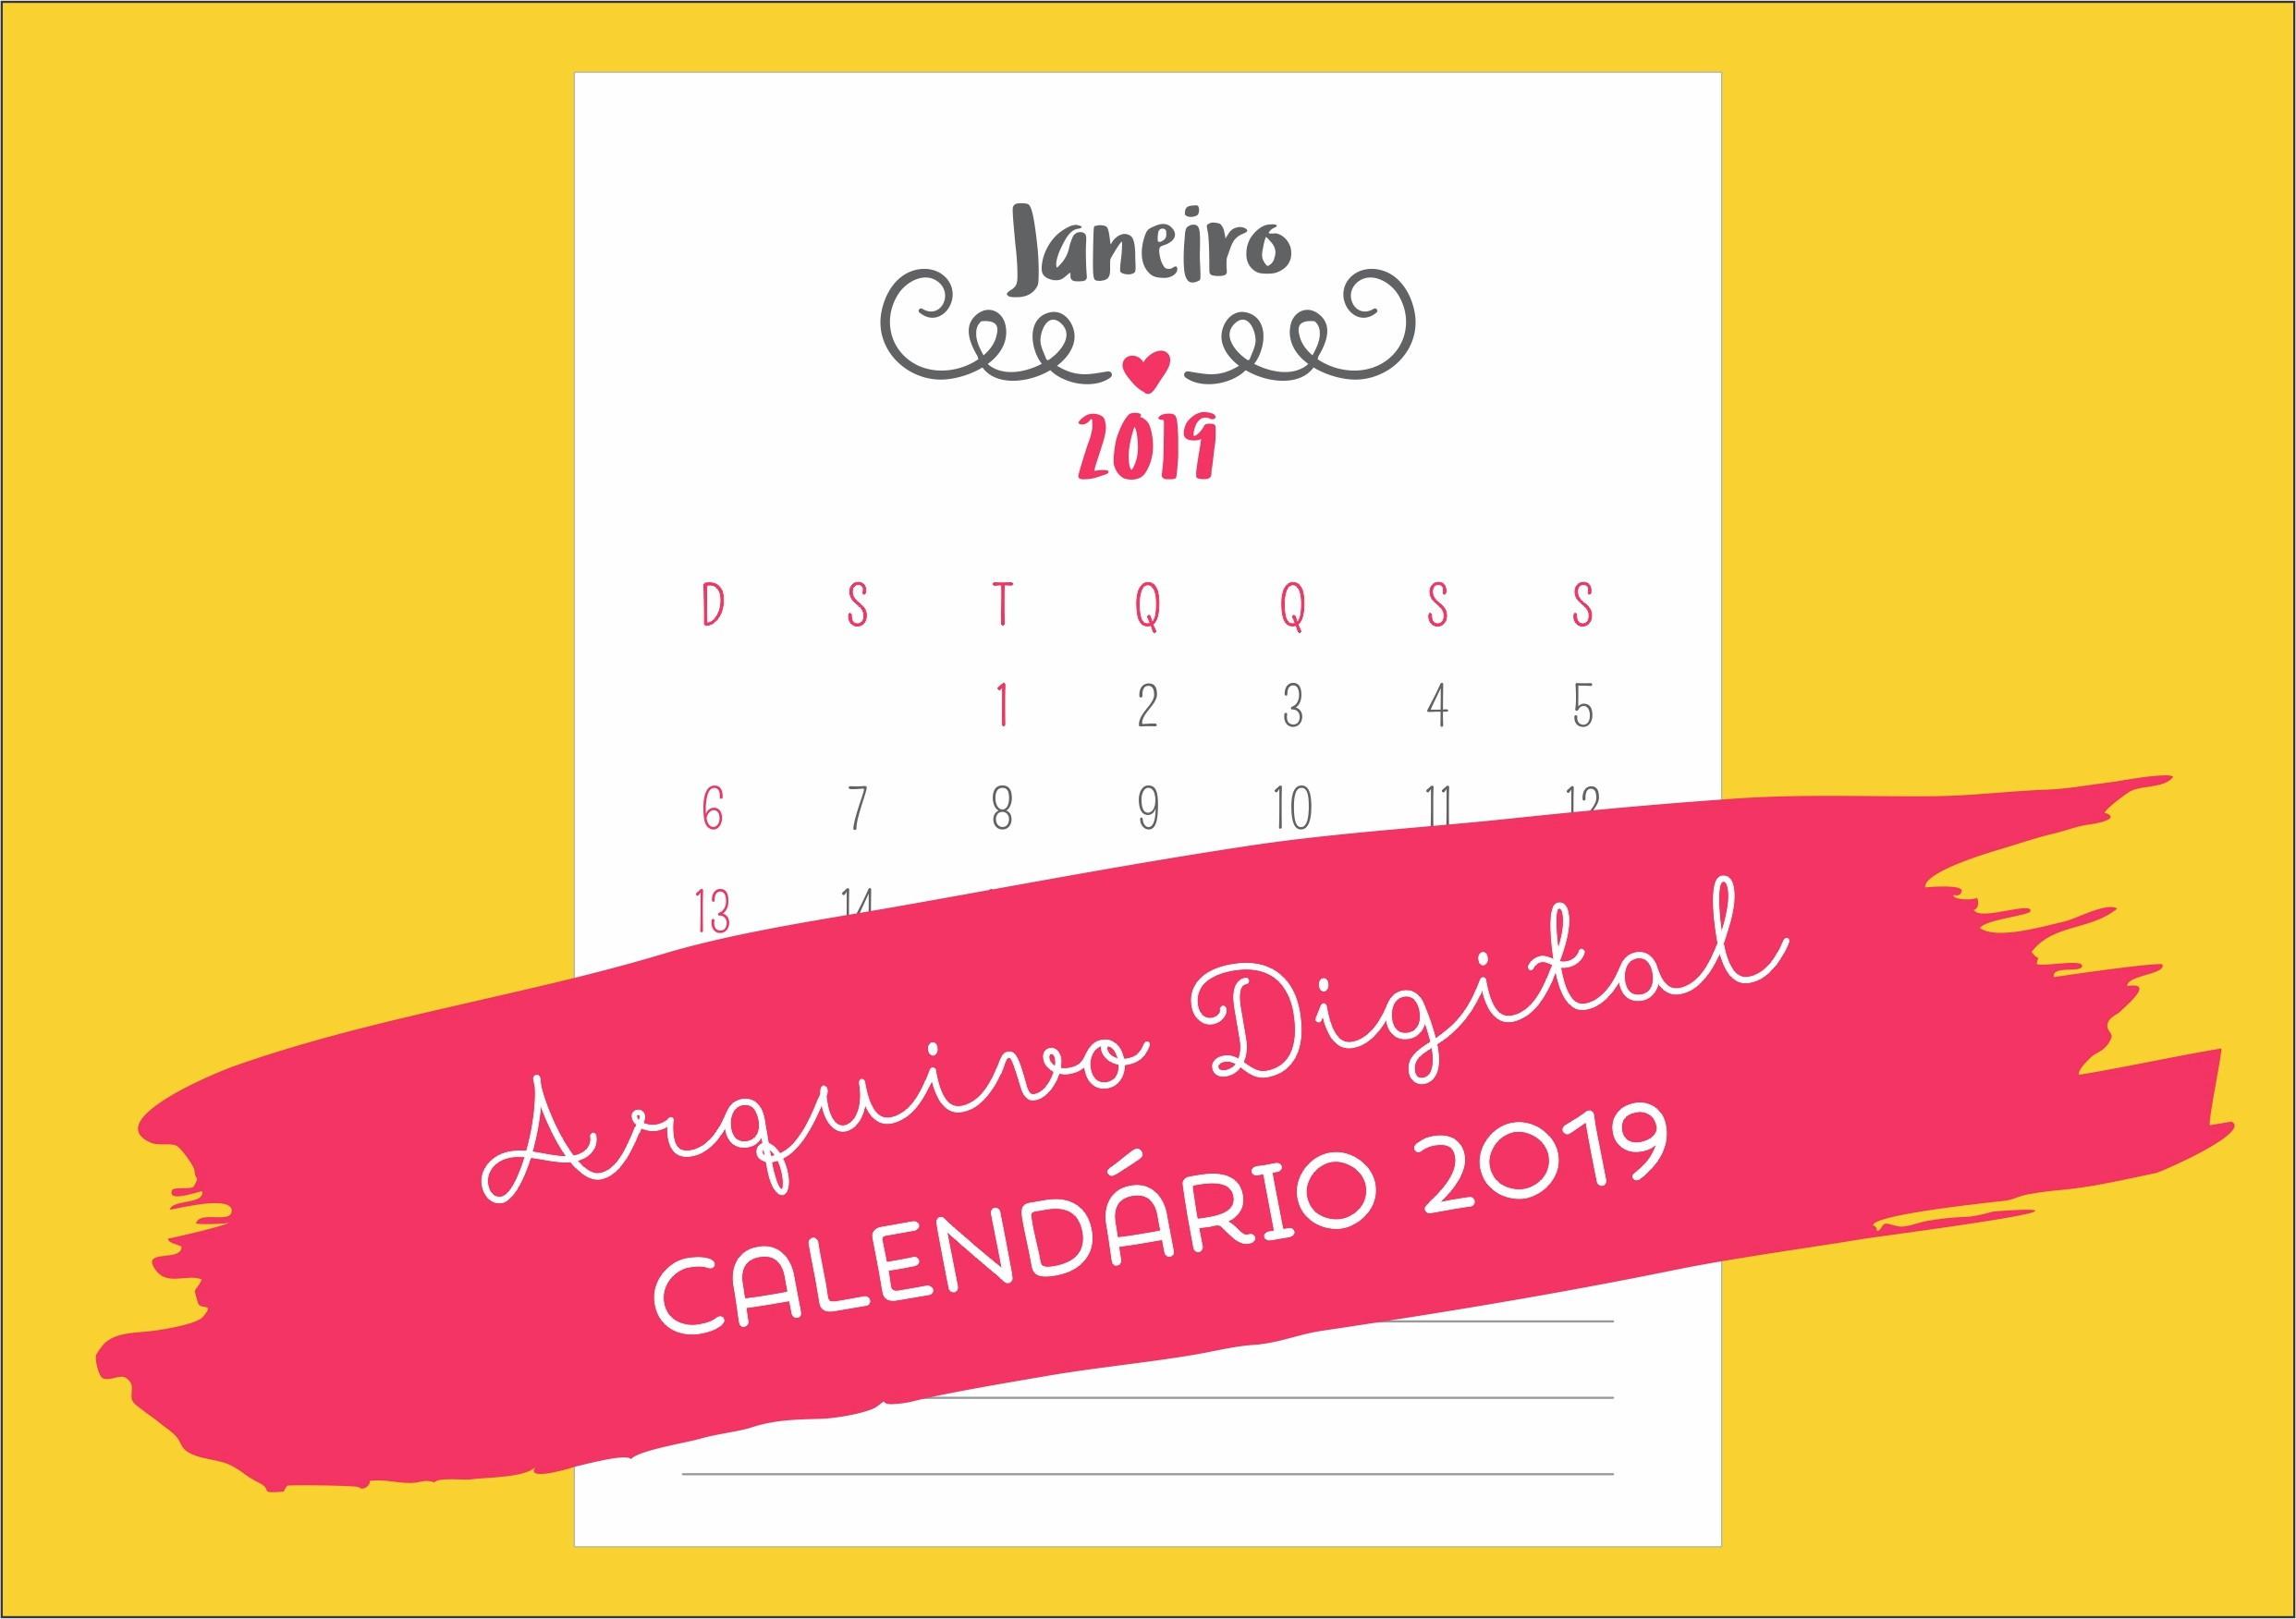 Calendario 2019 Feriados De Carnaval Más Recientes Calendários 2019 Of Calendario 2019 Feriados De Carnaval Más Reciente guilas Turismo